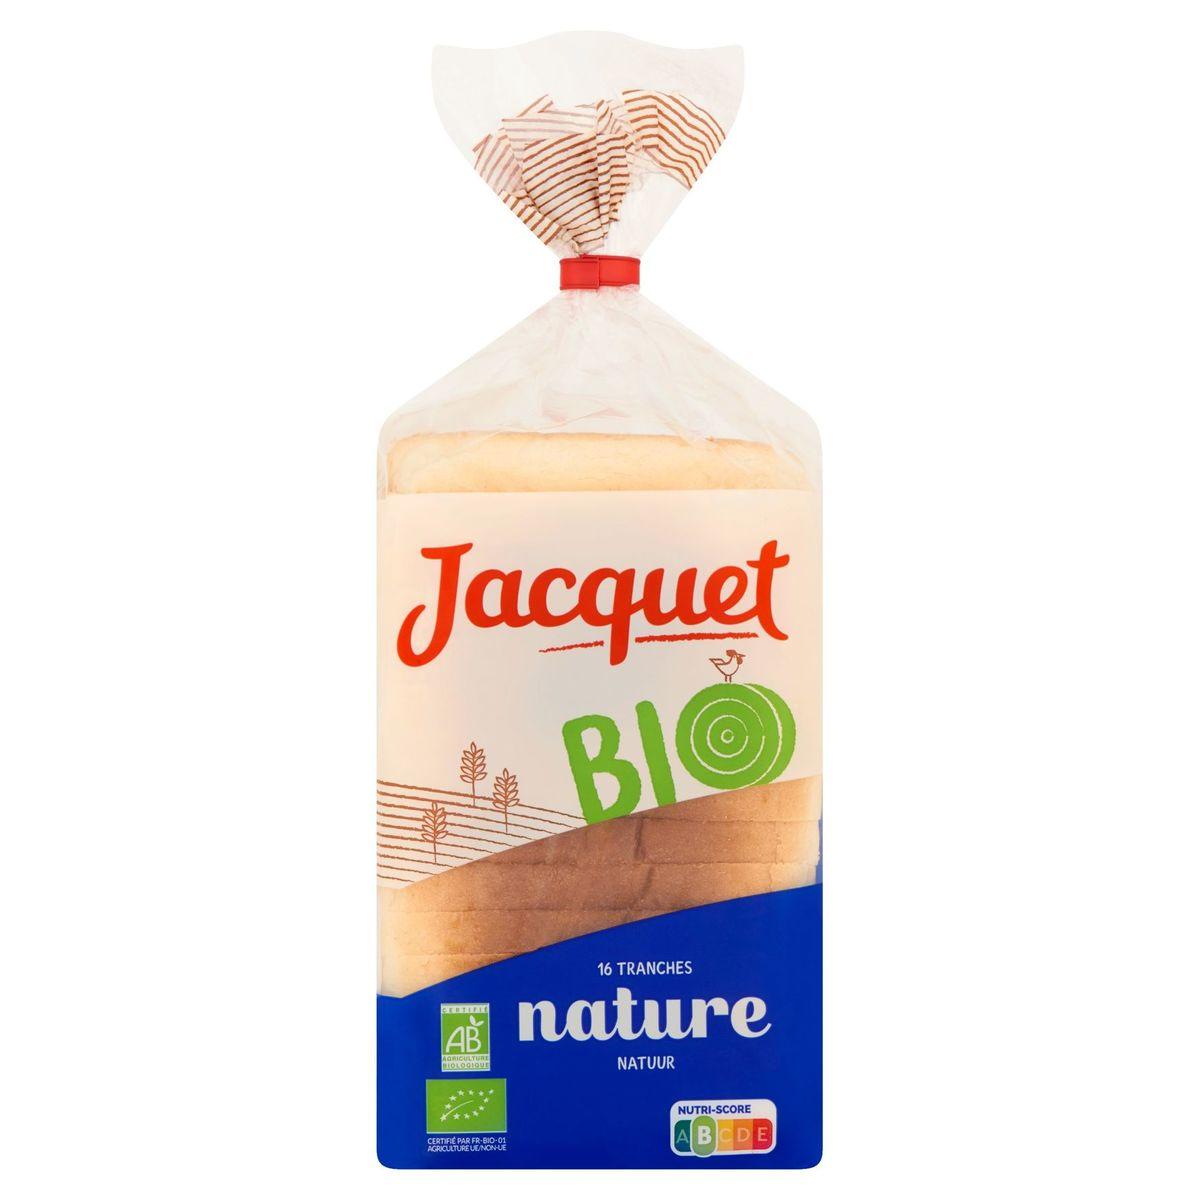 Jacquet Bio Natuur 350 g